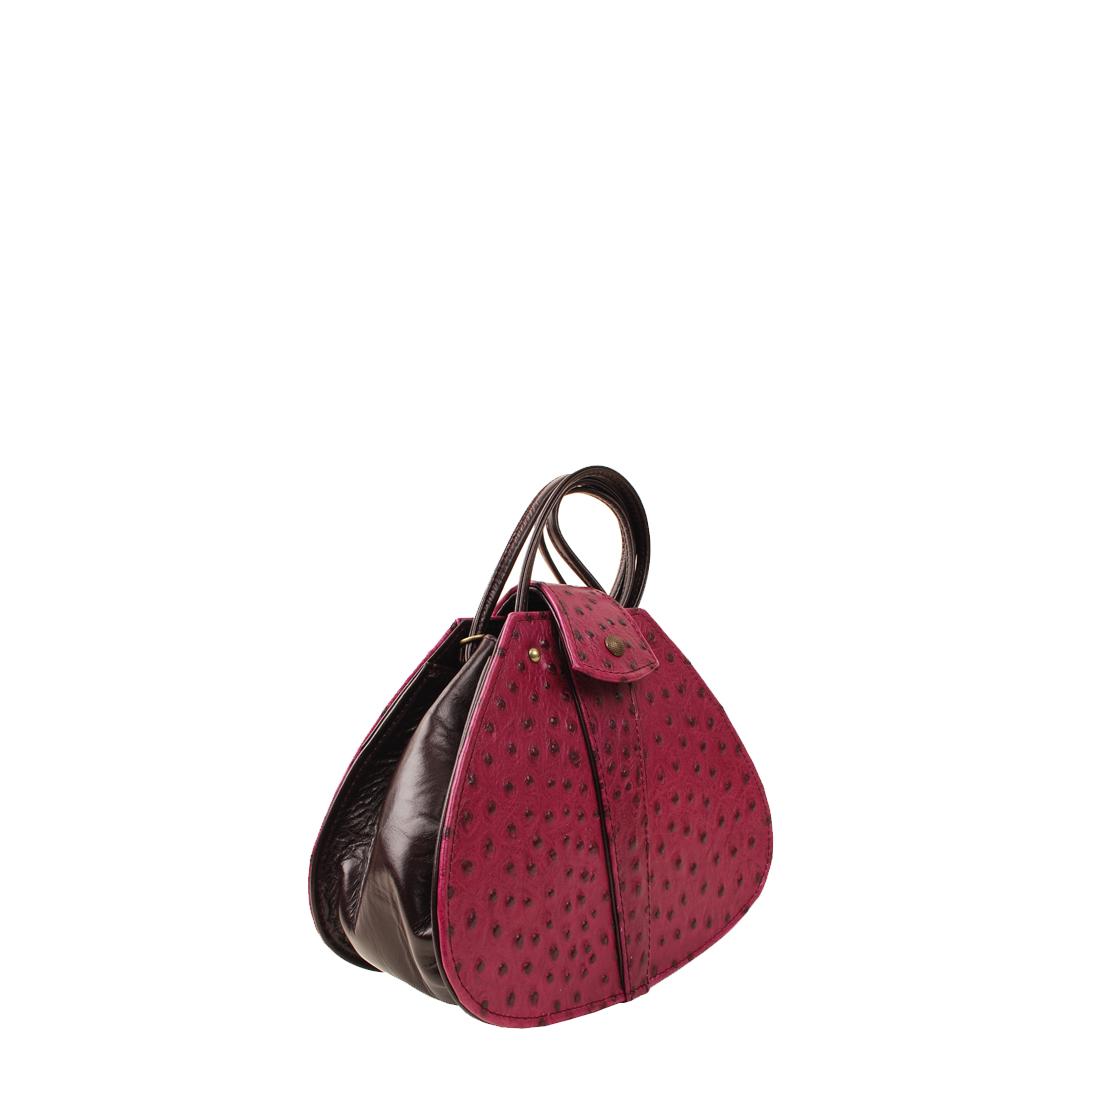 Vintage Magenta Leather Shoudler Bag